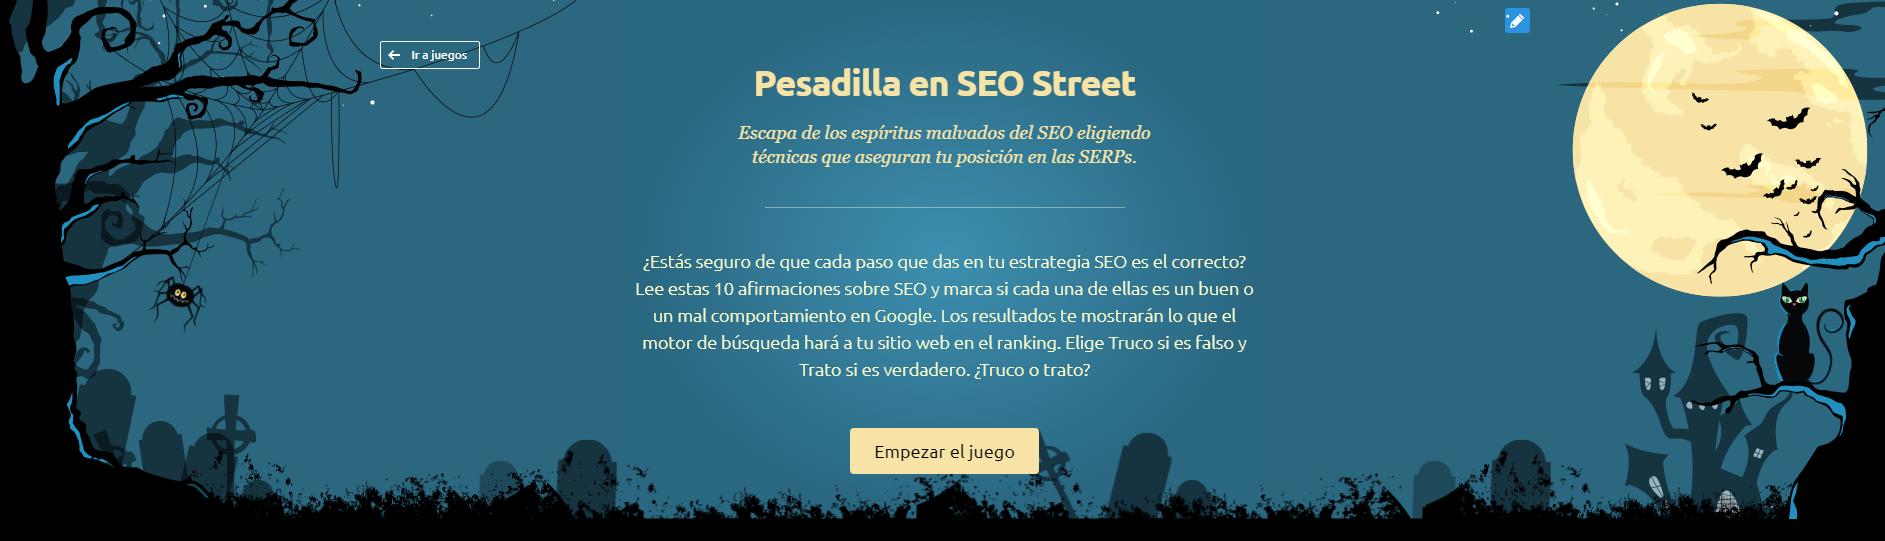 Cómo promocionar un negocio - Juego SEO street